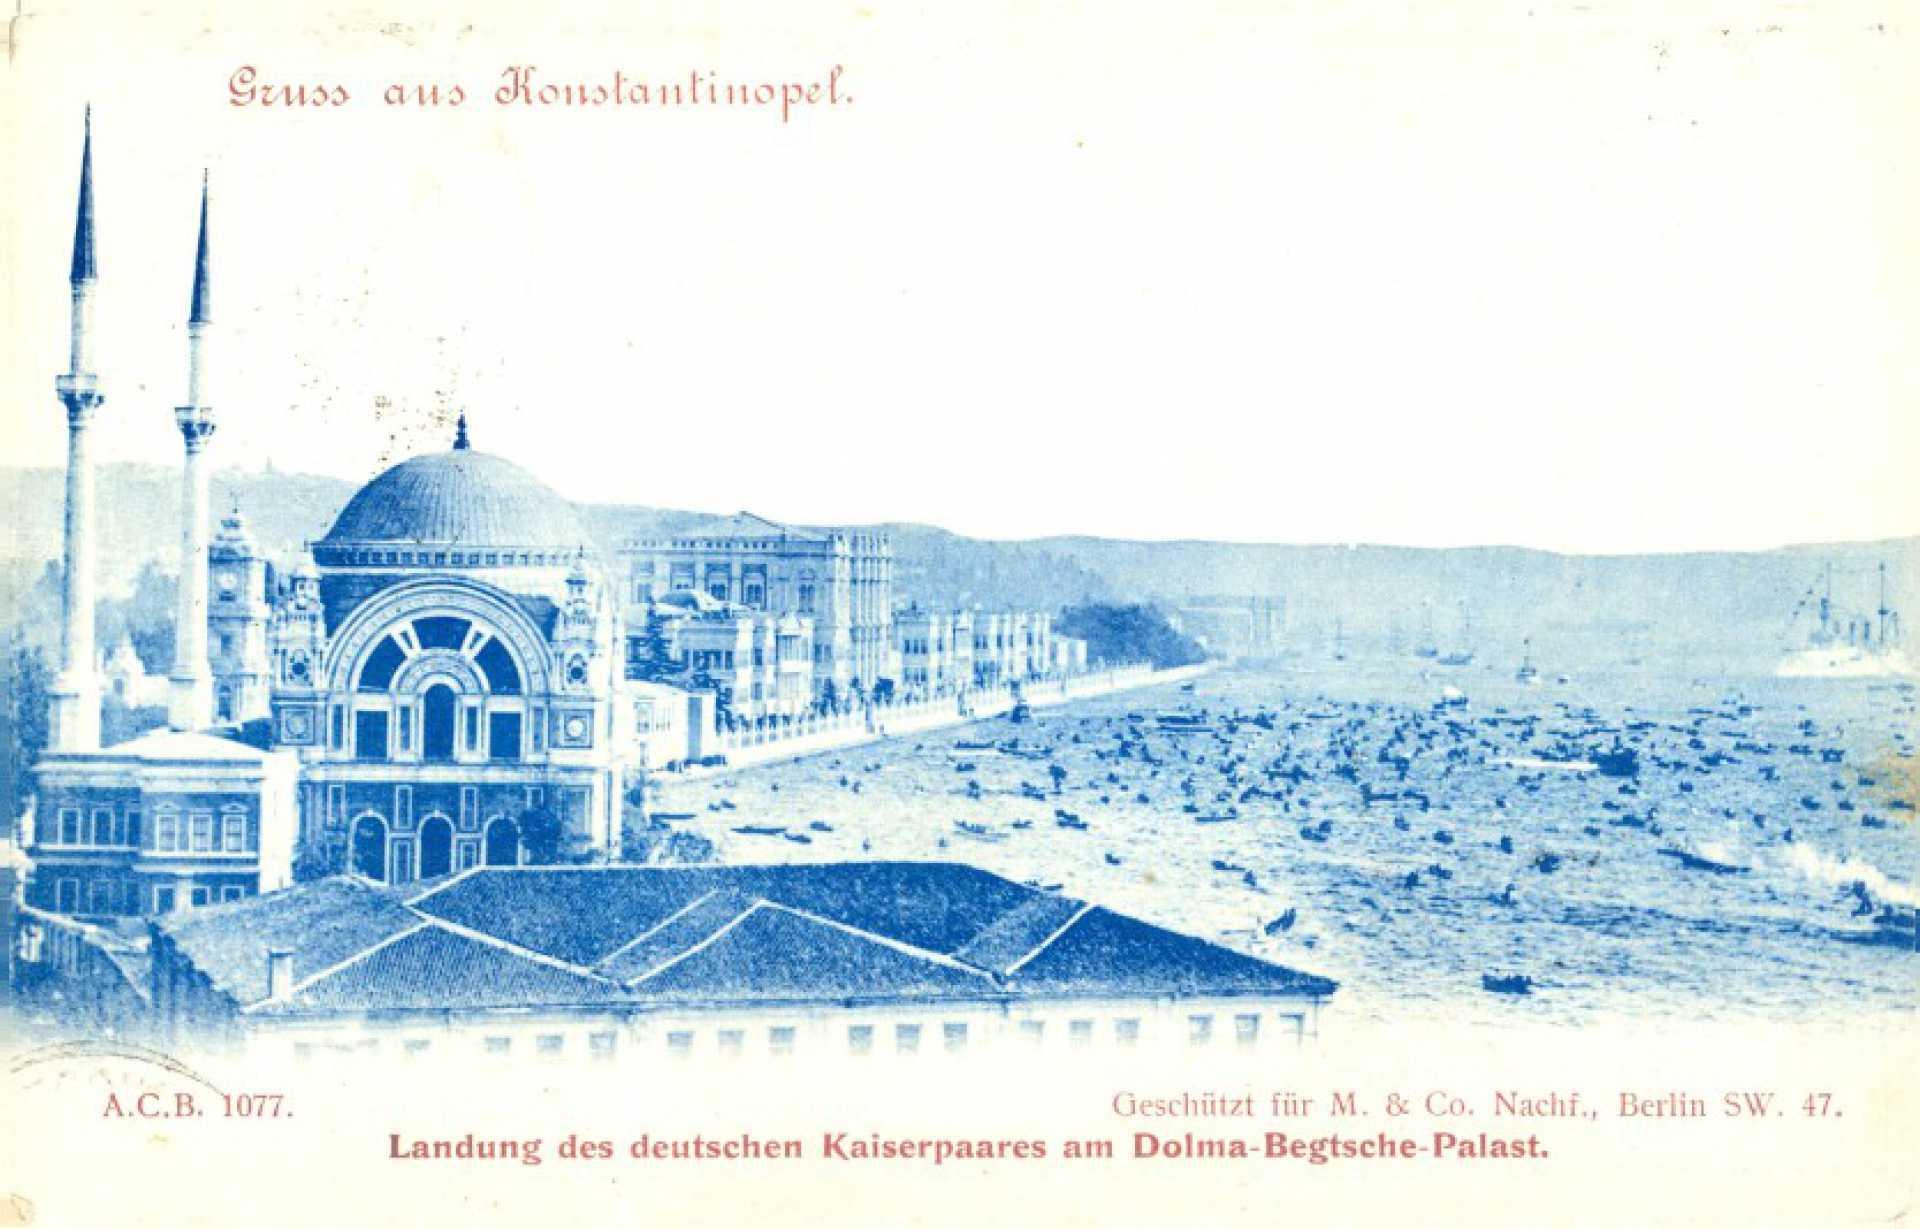 Landung des deutschen Kaiserpaares am Dolma-Batsche- Palast.